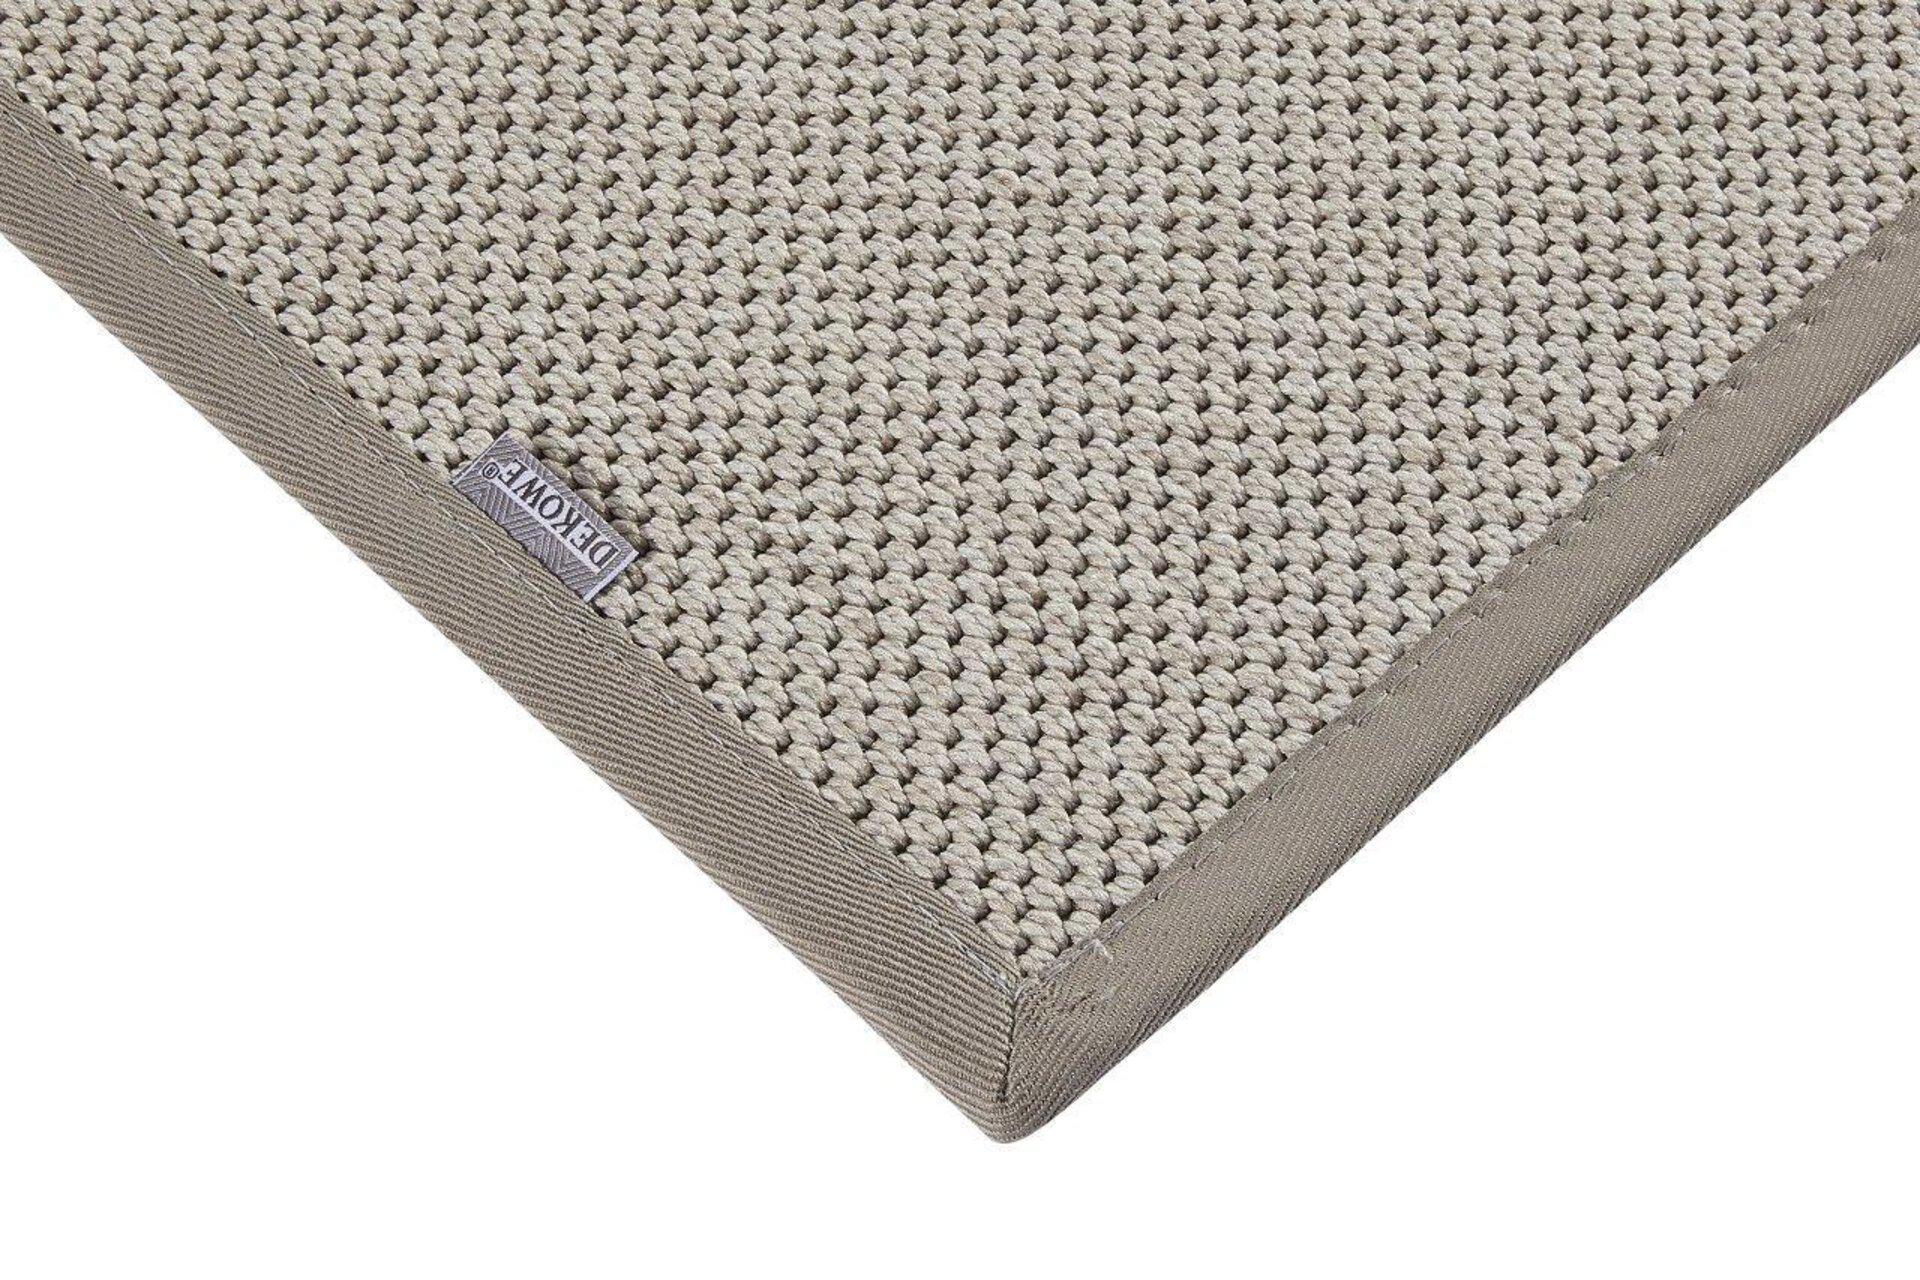 Outdoorteppich Naturino Prestige S1 DEKOWE Textil beige 67 x 133 cm